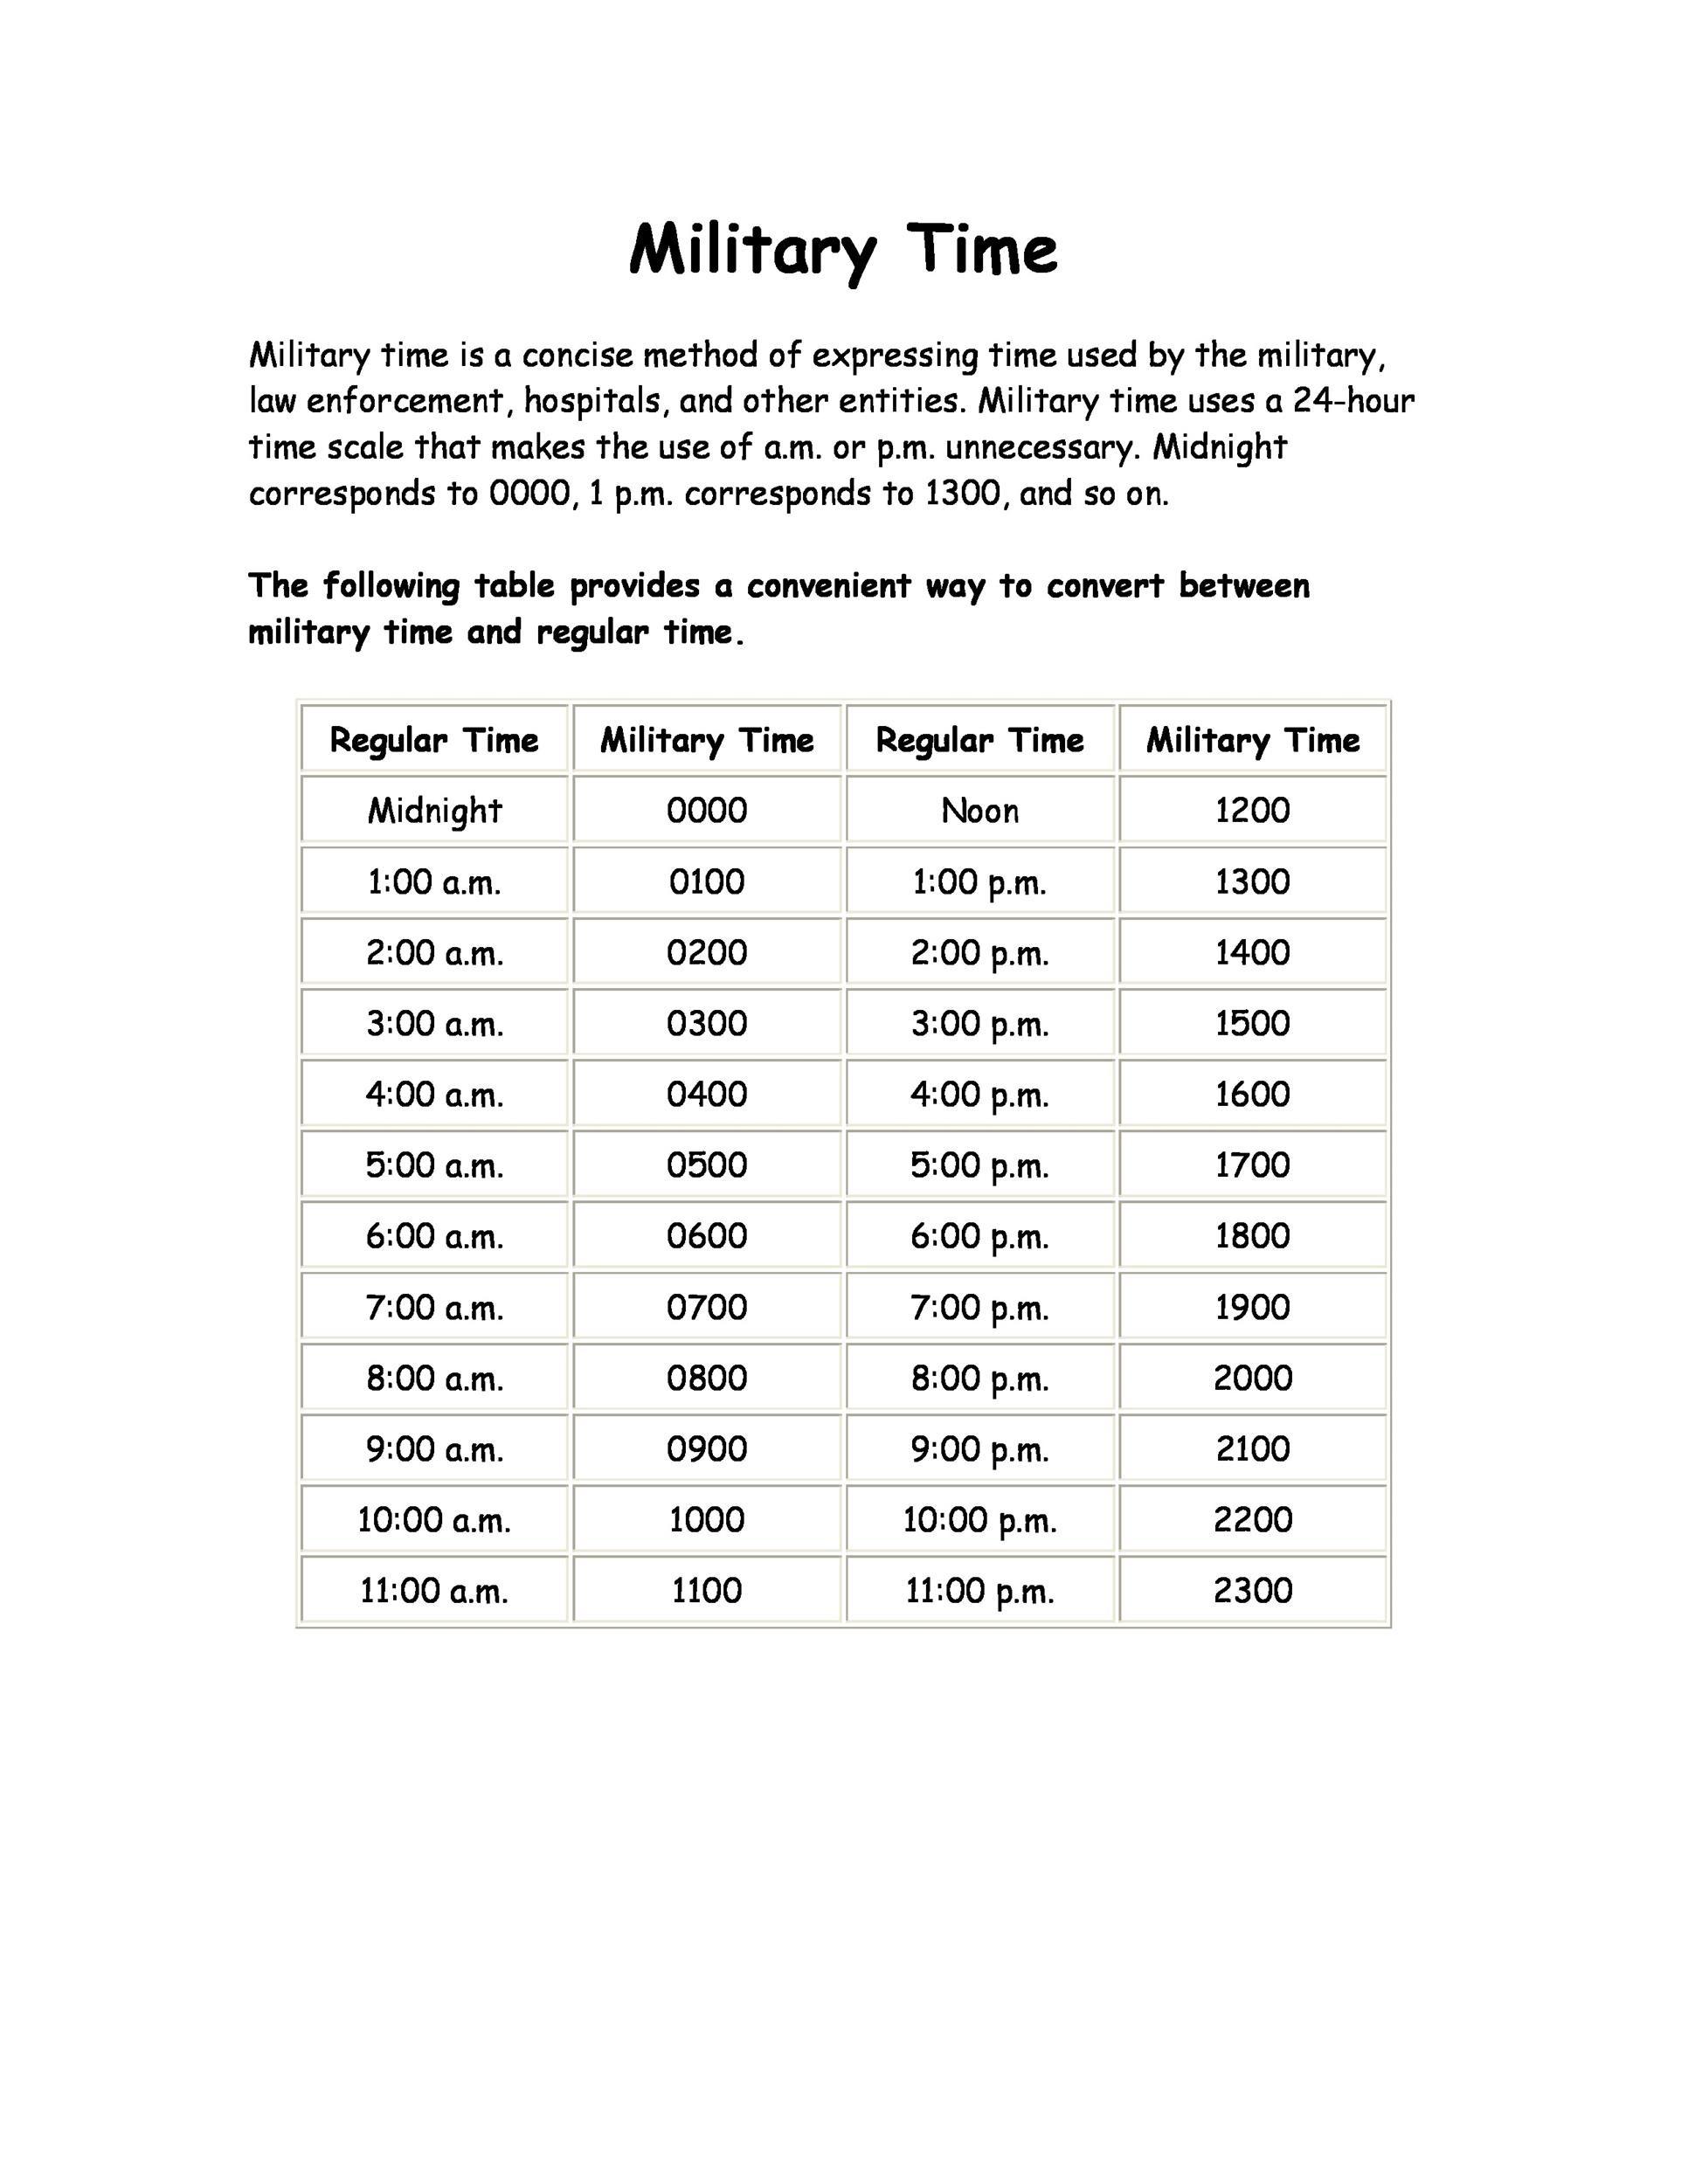 30 Printable Military Time Charts - Template Lab - printable chart template